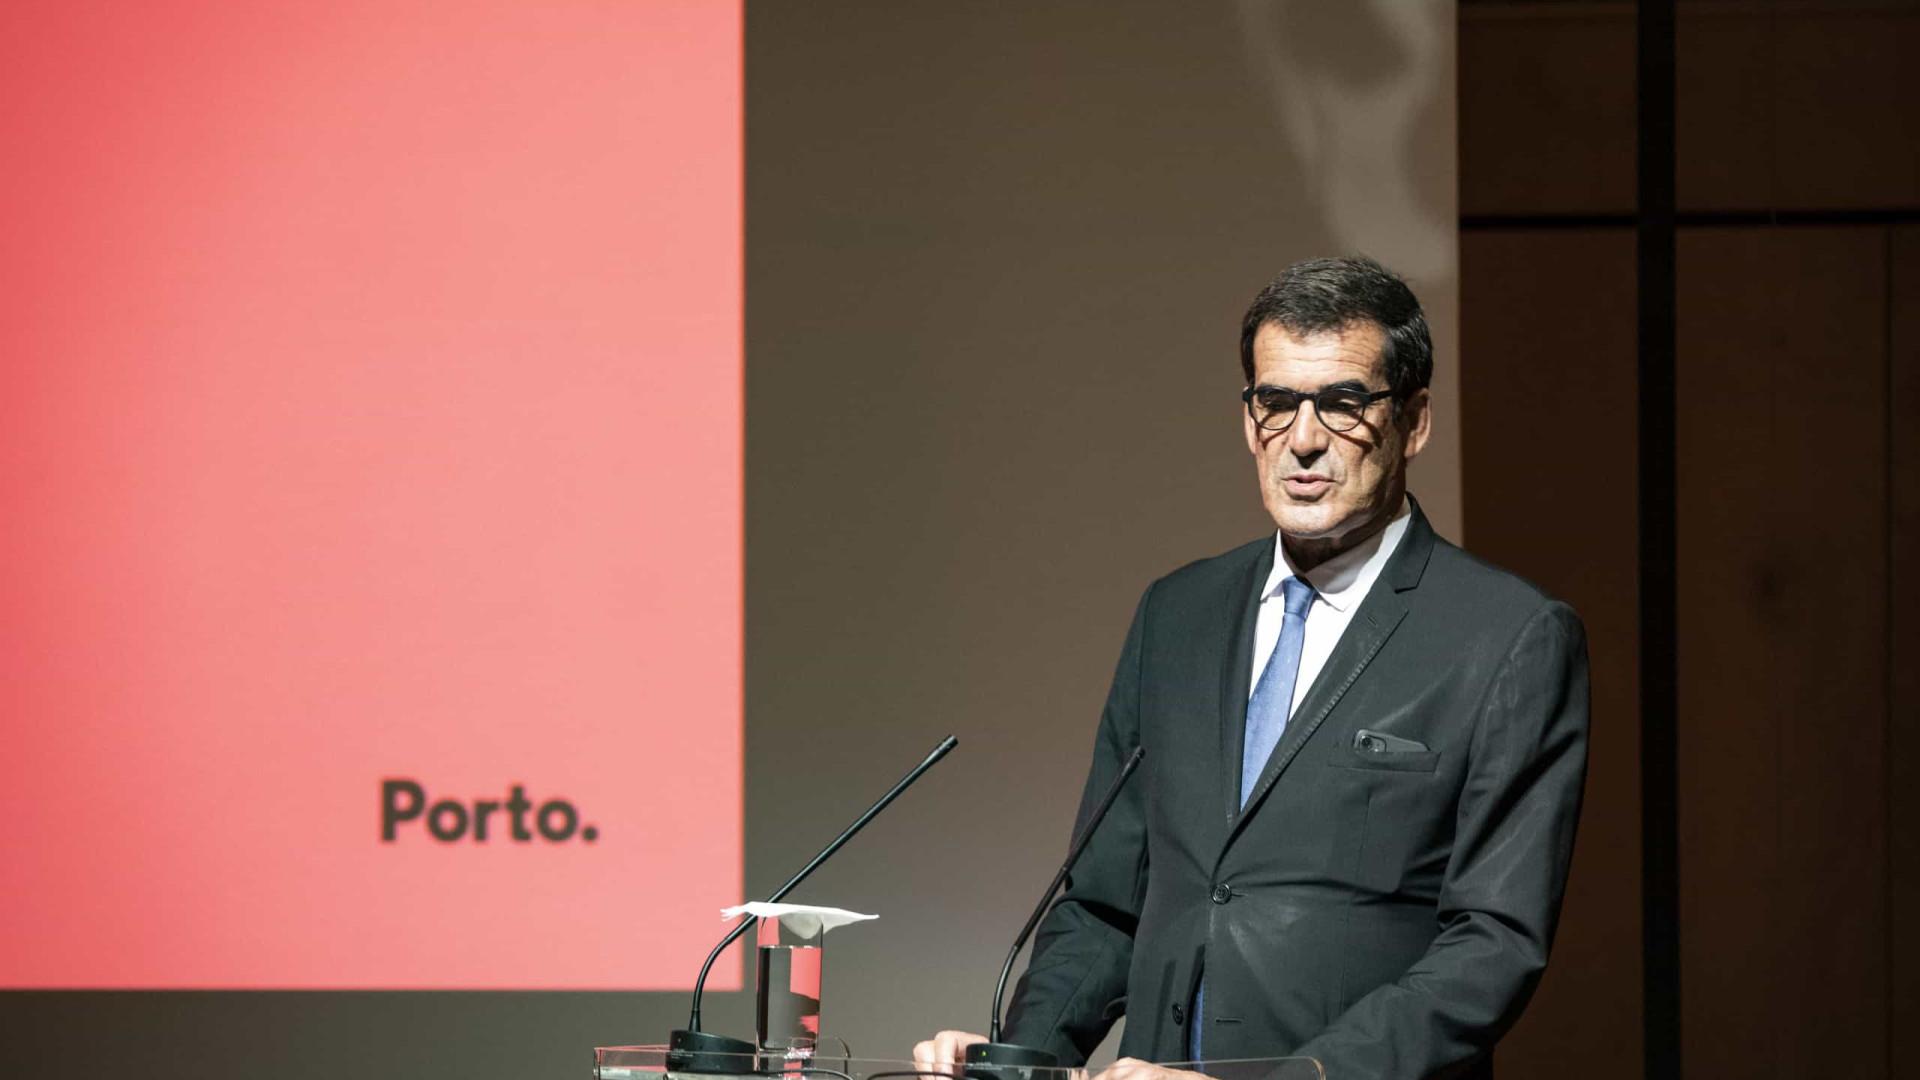 Rui Moreira quer reforçar votação e maioria na Assembleia Municipal